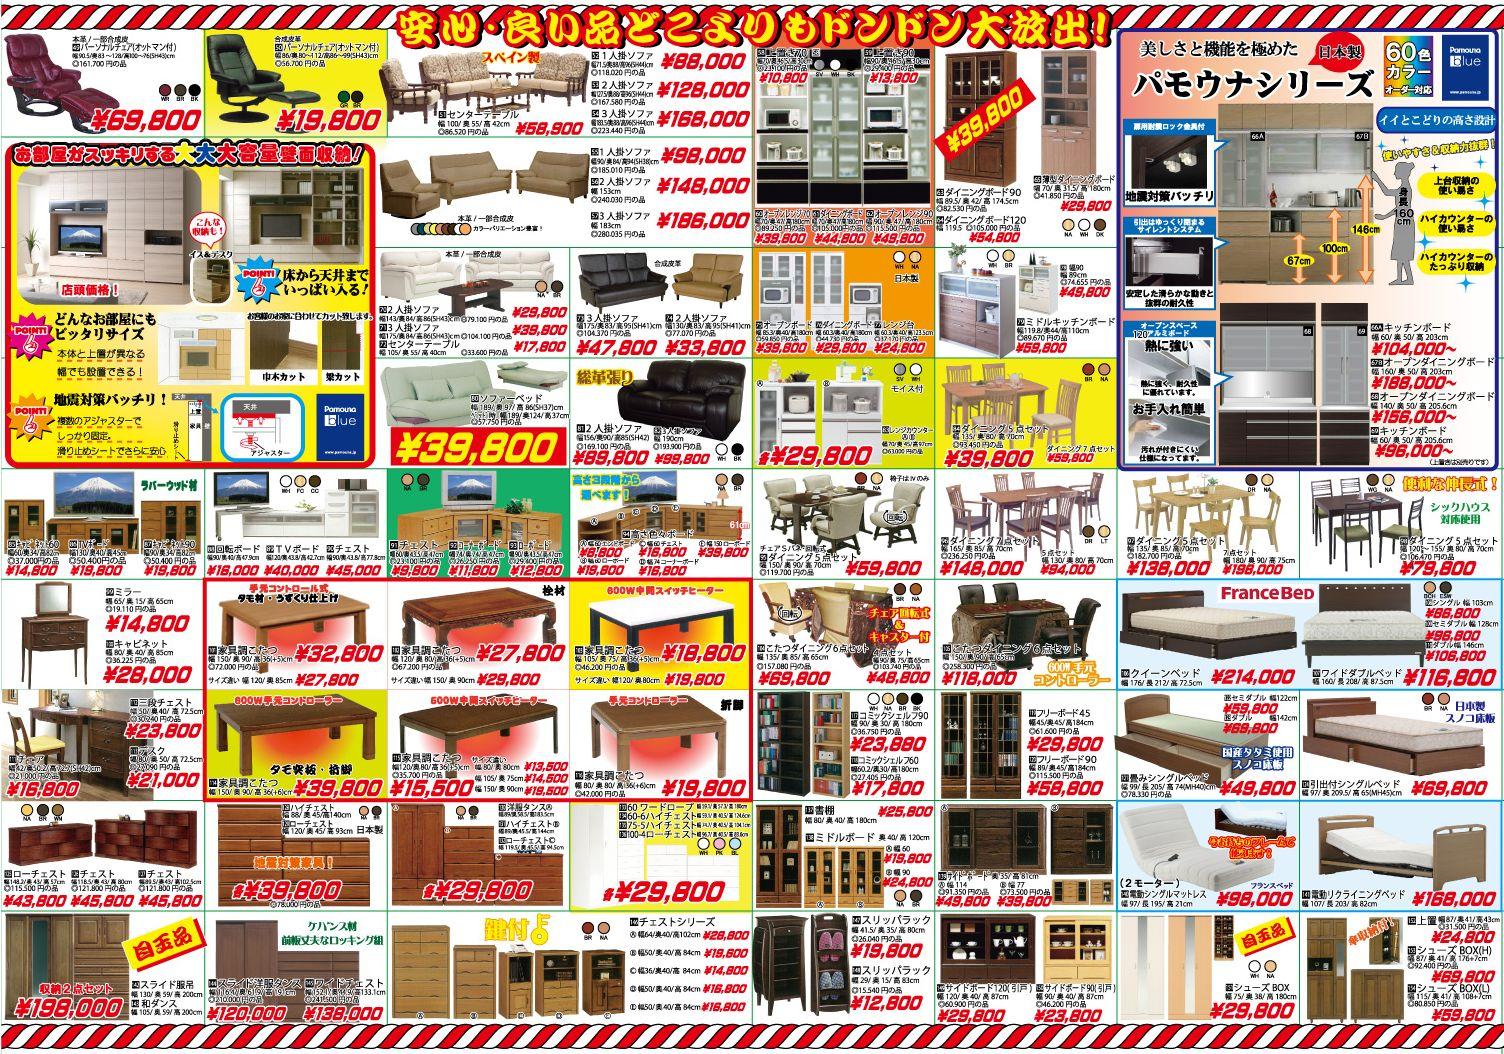 トップ 信じられないほどの 東京インテリア チラシ | 9824